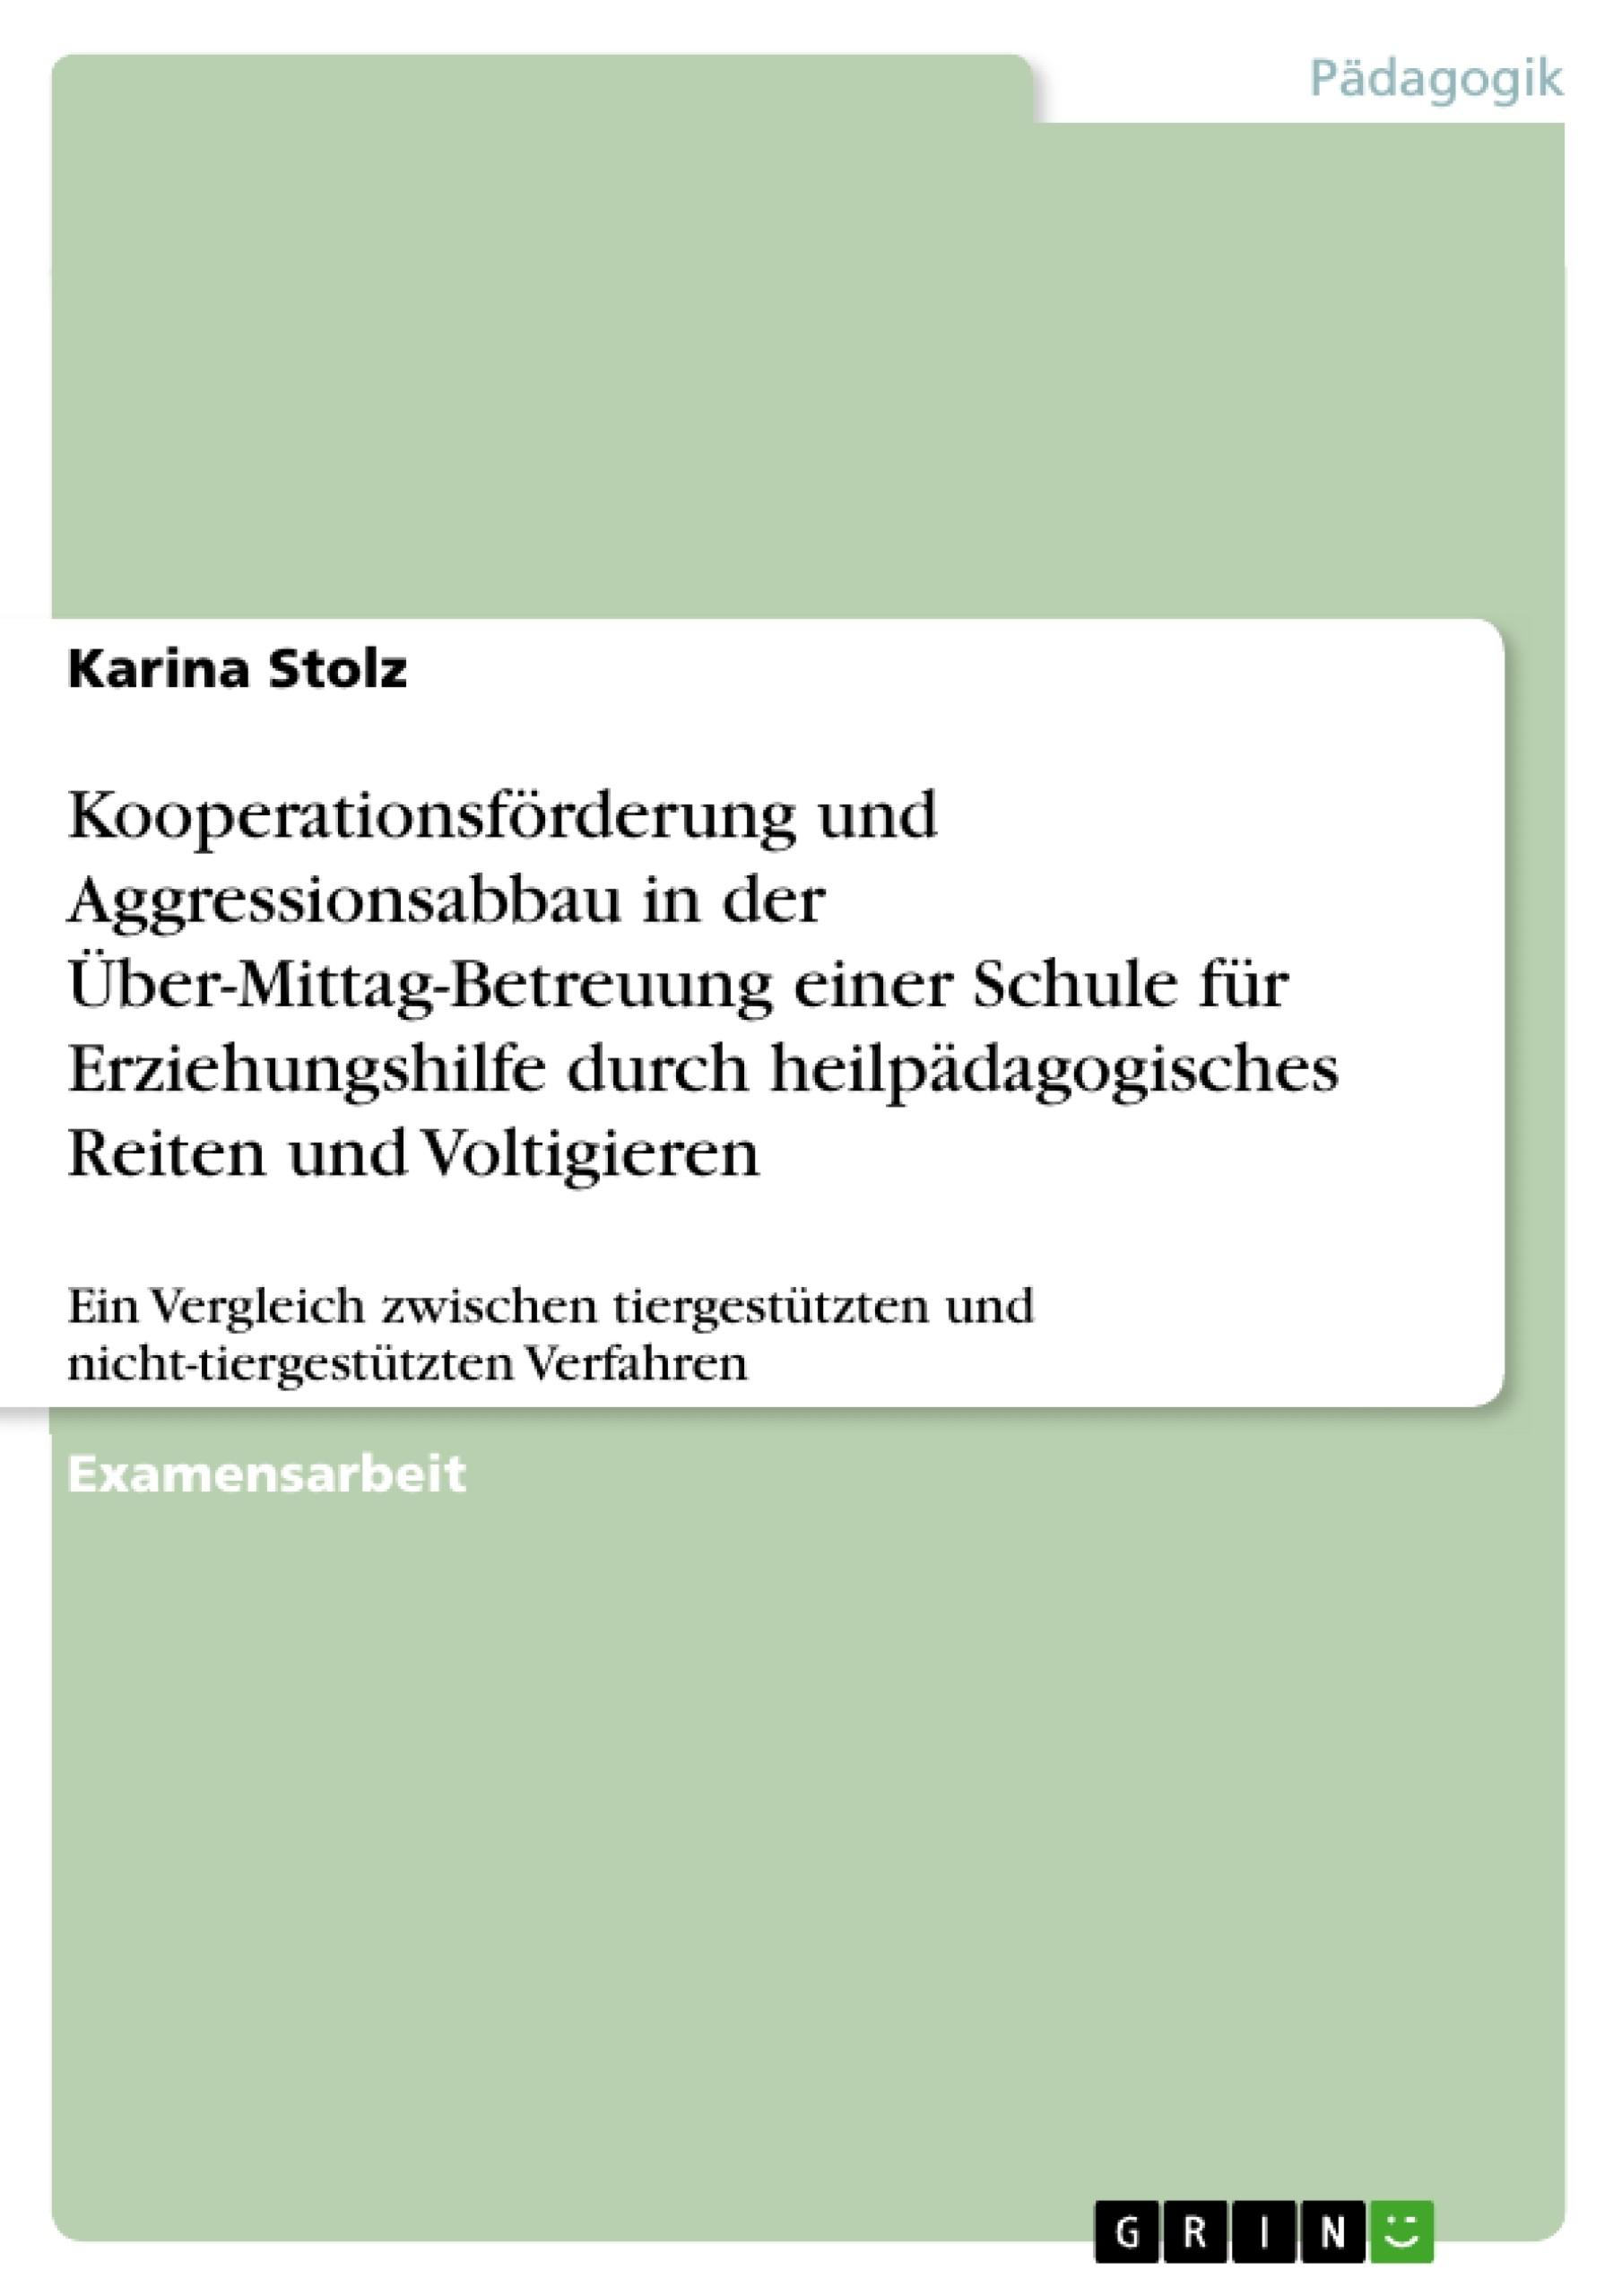 Titel: Kooperationsförderung und Aggressionsabbau in der Über-Mittag-Betreuung einer Schule für Erziehungshilfe durch heilpädagogisches Reiten und Voltigieren